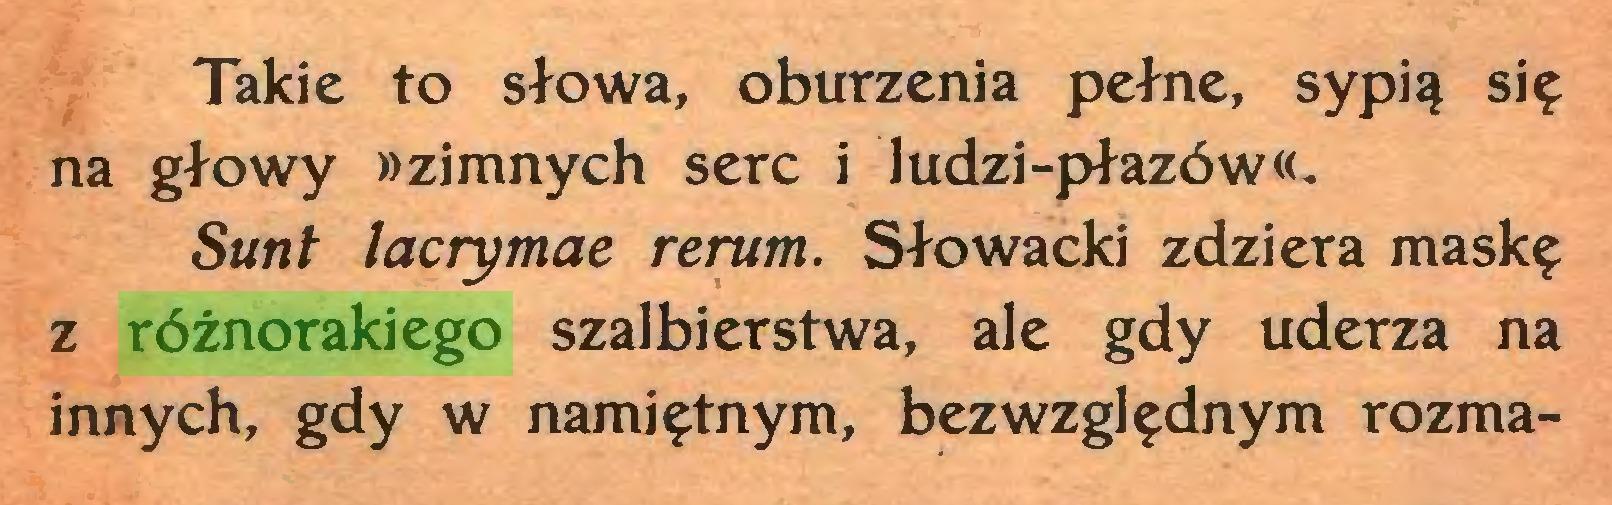 (...) Takie to słowa, oburzenia pełne, sypią się na głowy wzimnych serc i ludzi-płazów Sunt lacrymae rerum. Słowacki zdziera maskę z różnorakiego szalbierstwa, ale gdy uderza na innych, gdy w namiętnym, bezwzględnym rozma...